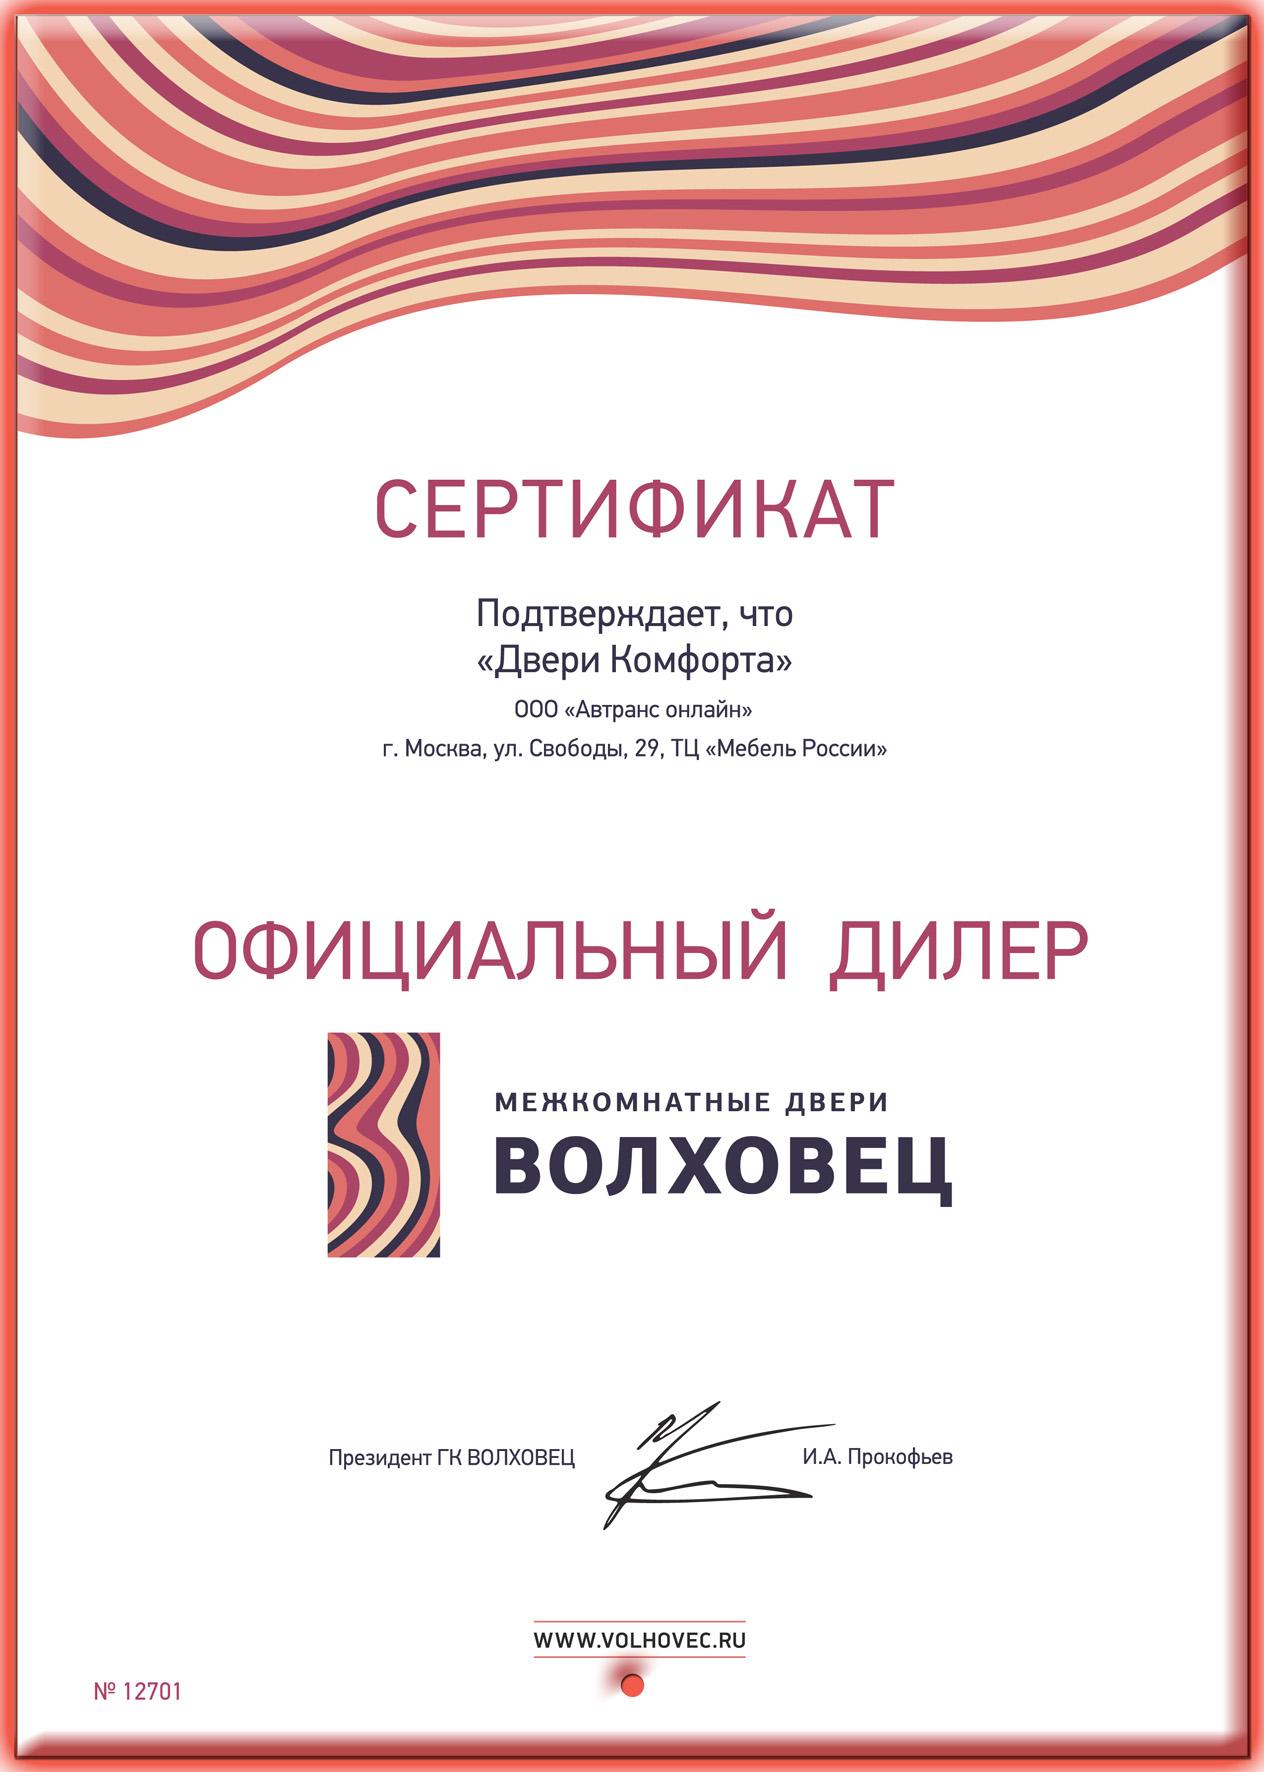 Официальный дилер Волховец в Москве